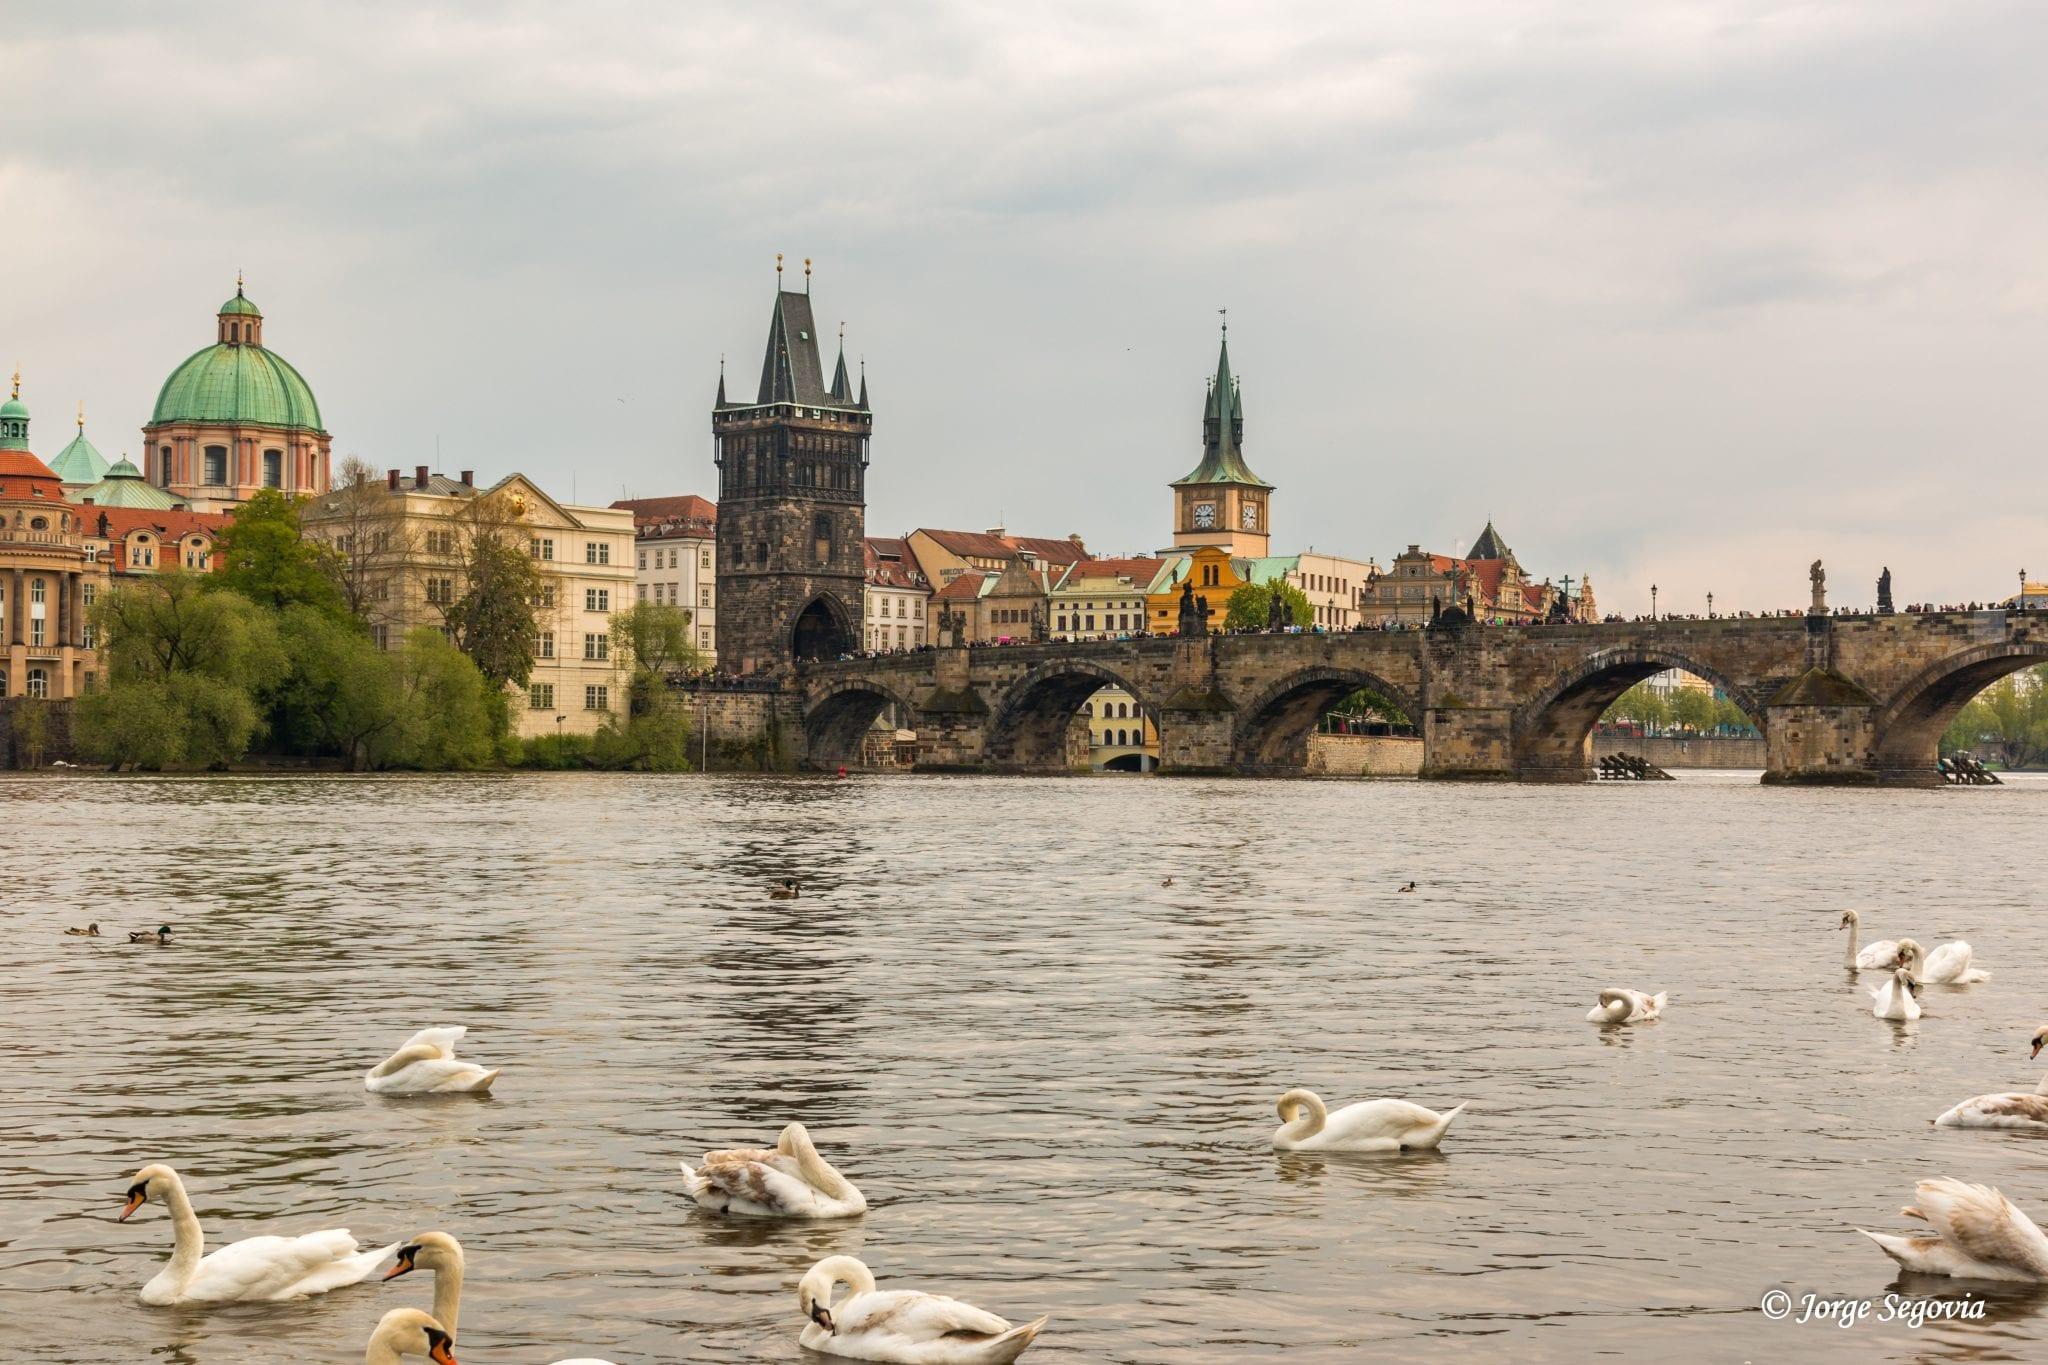 El puente Carlos desde el río Moldava